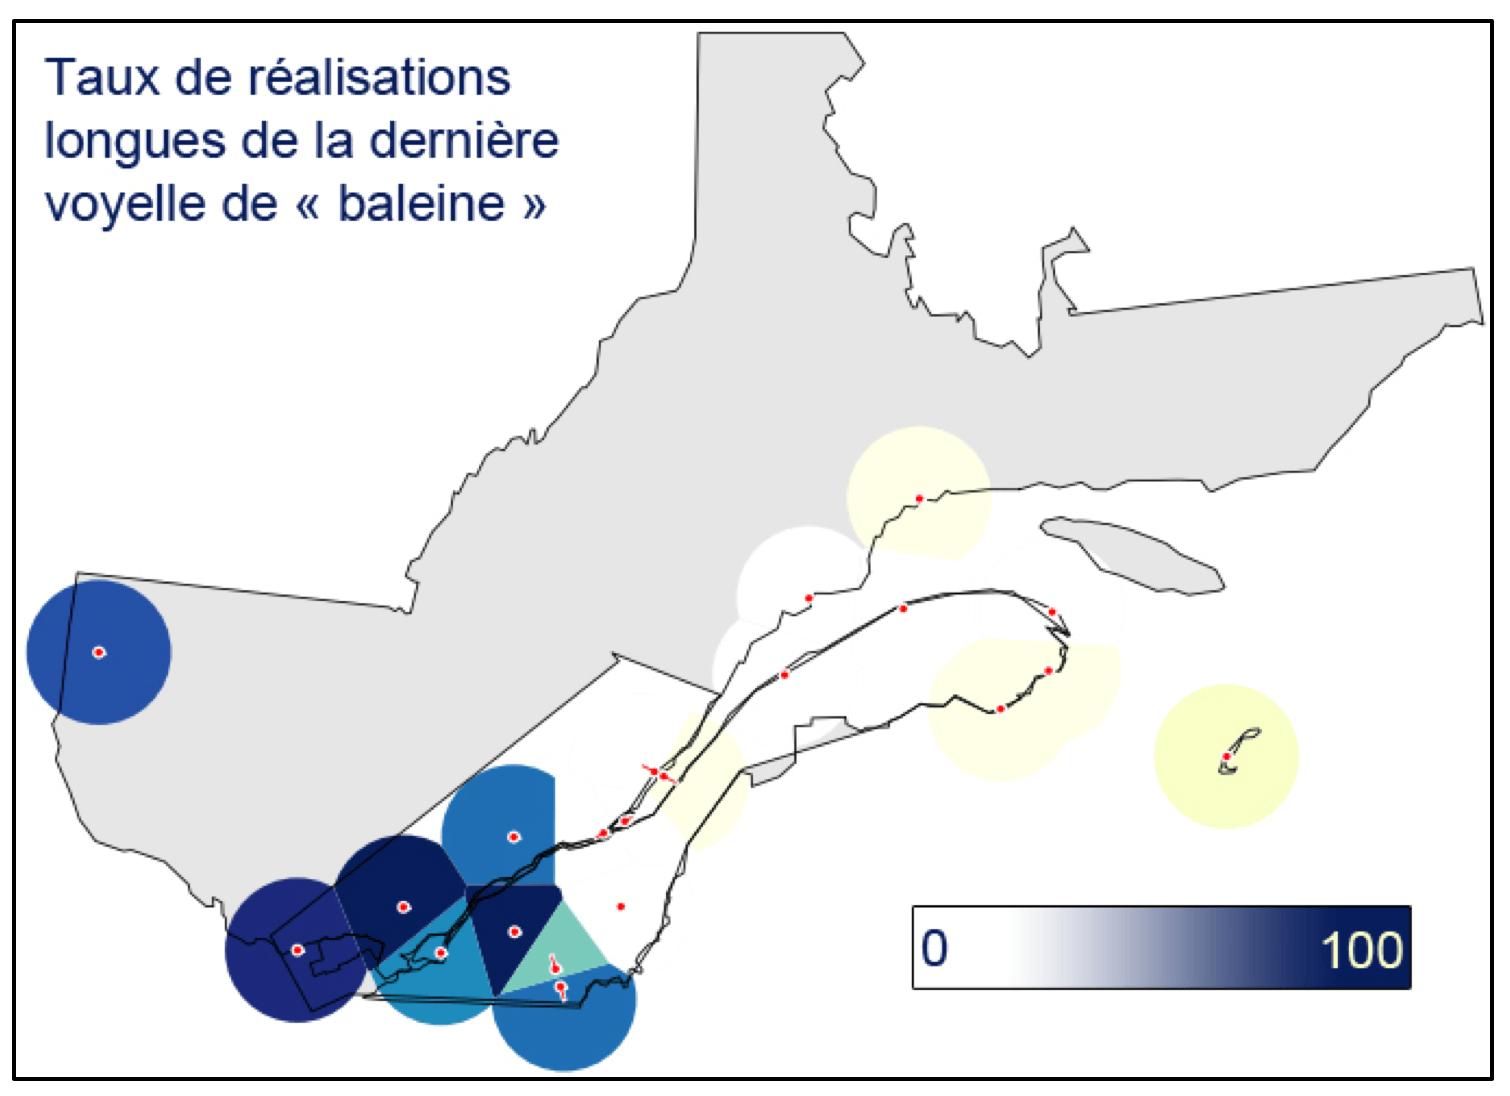 Carte du taux de réalisations longues de la dernière voyelle de «baleine»